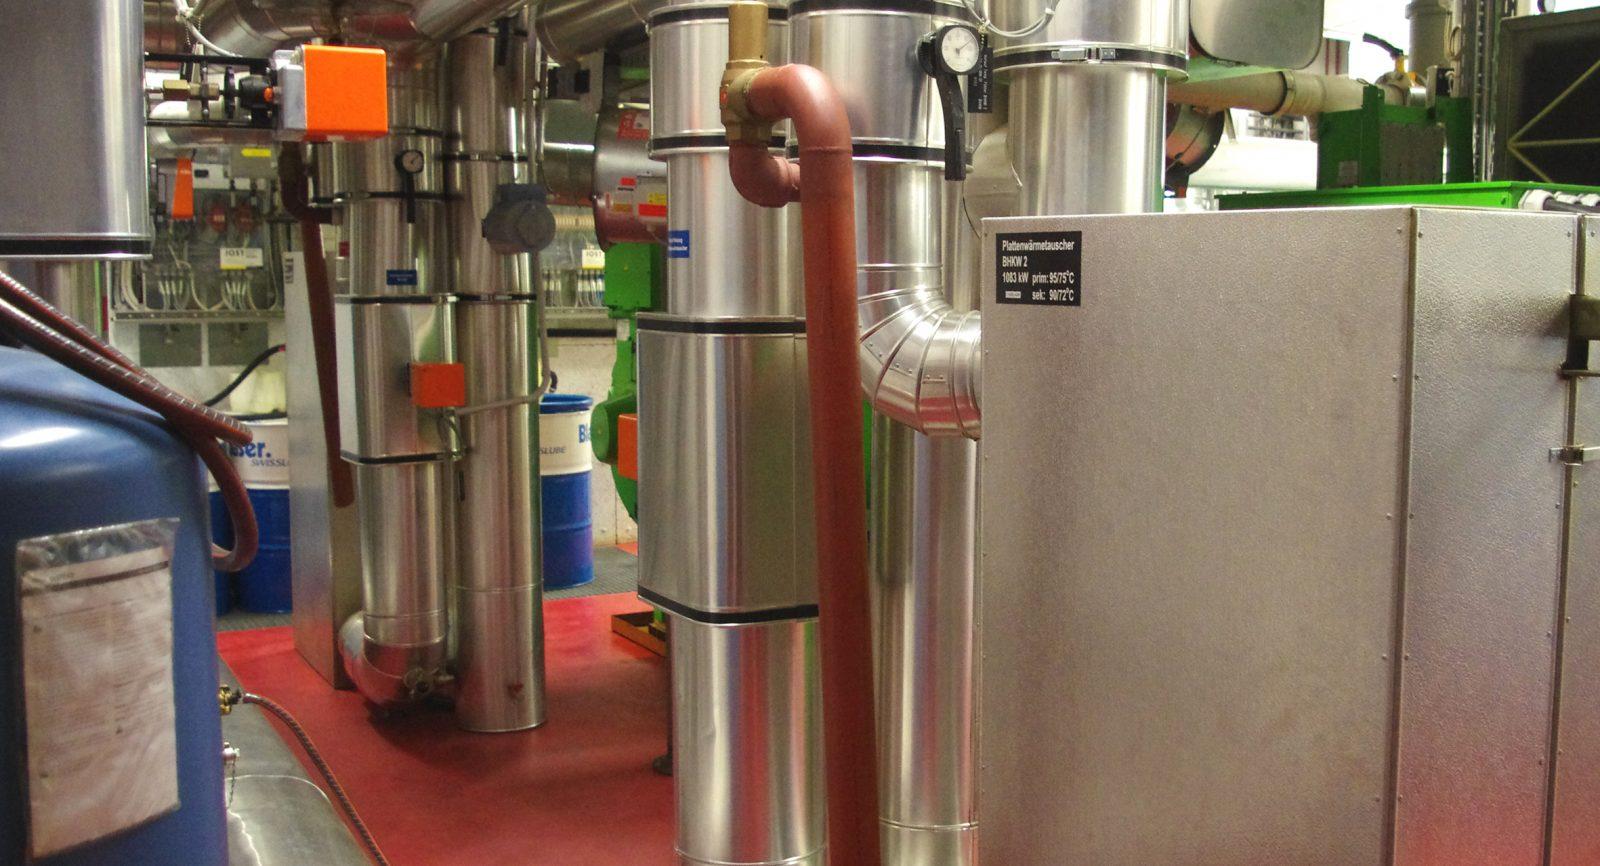 Jedem Blockheizkraftwerk ist für die Trennung zum ersten Wärmekreislaufs ein Plattenwärmetauscher zugeordnet.